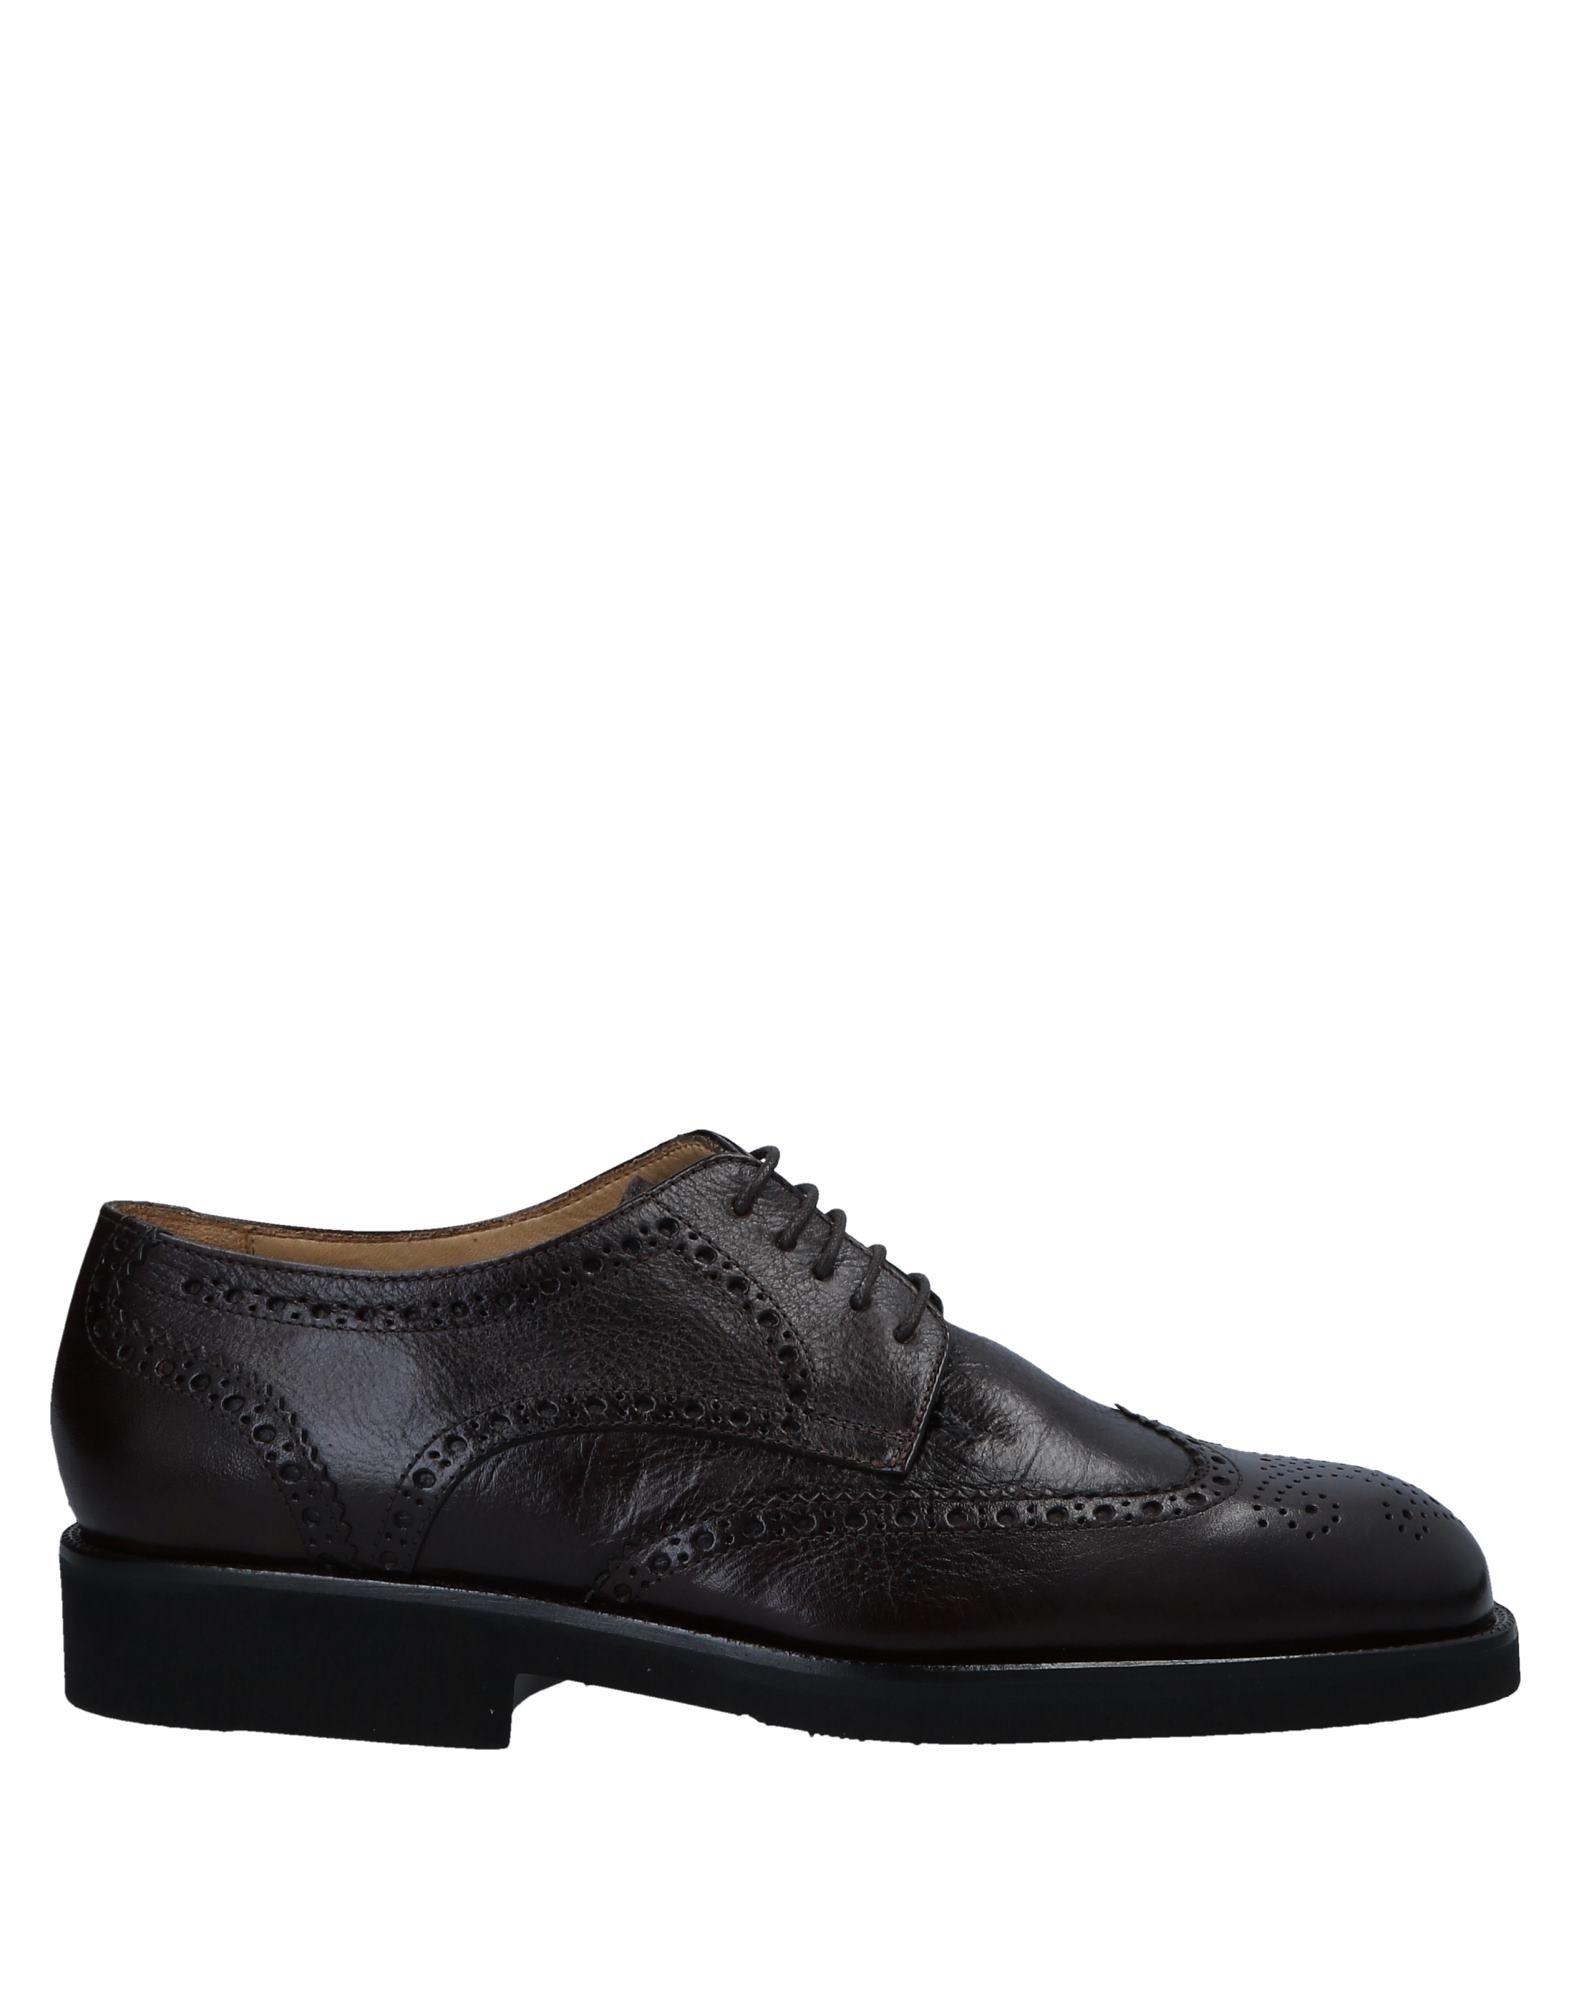 Фото - VALLEVERDE Обувь на шнурках обувь на высокой платформе dkny